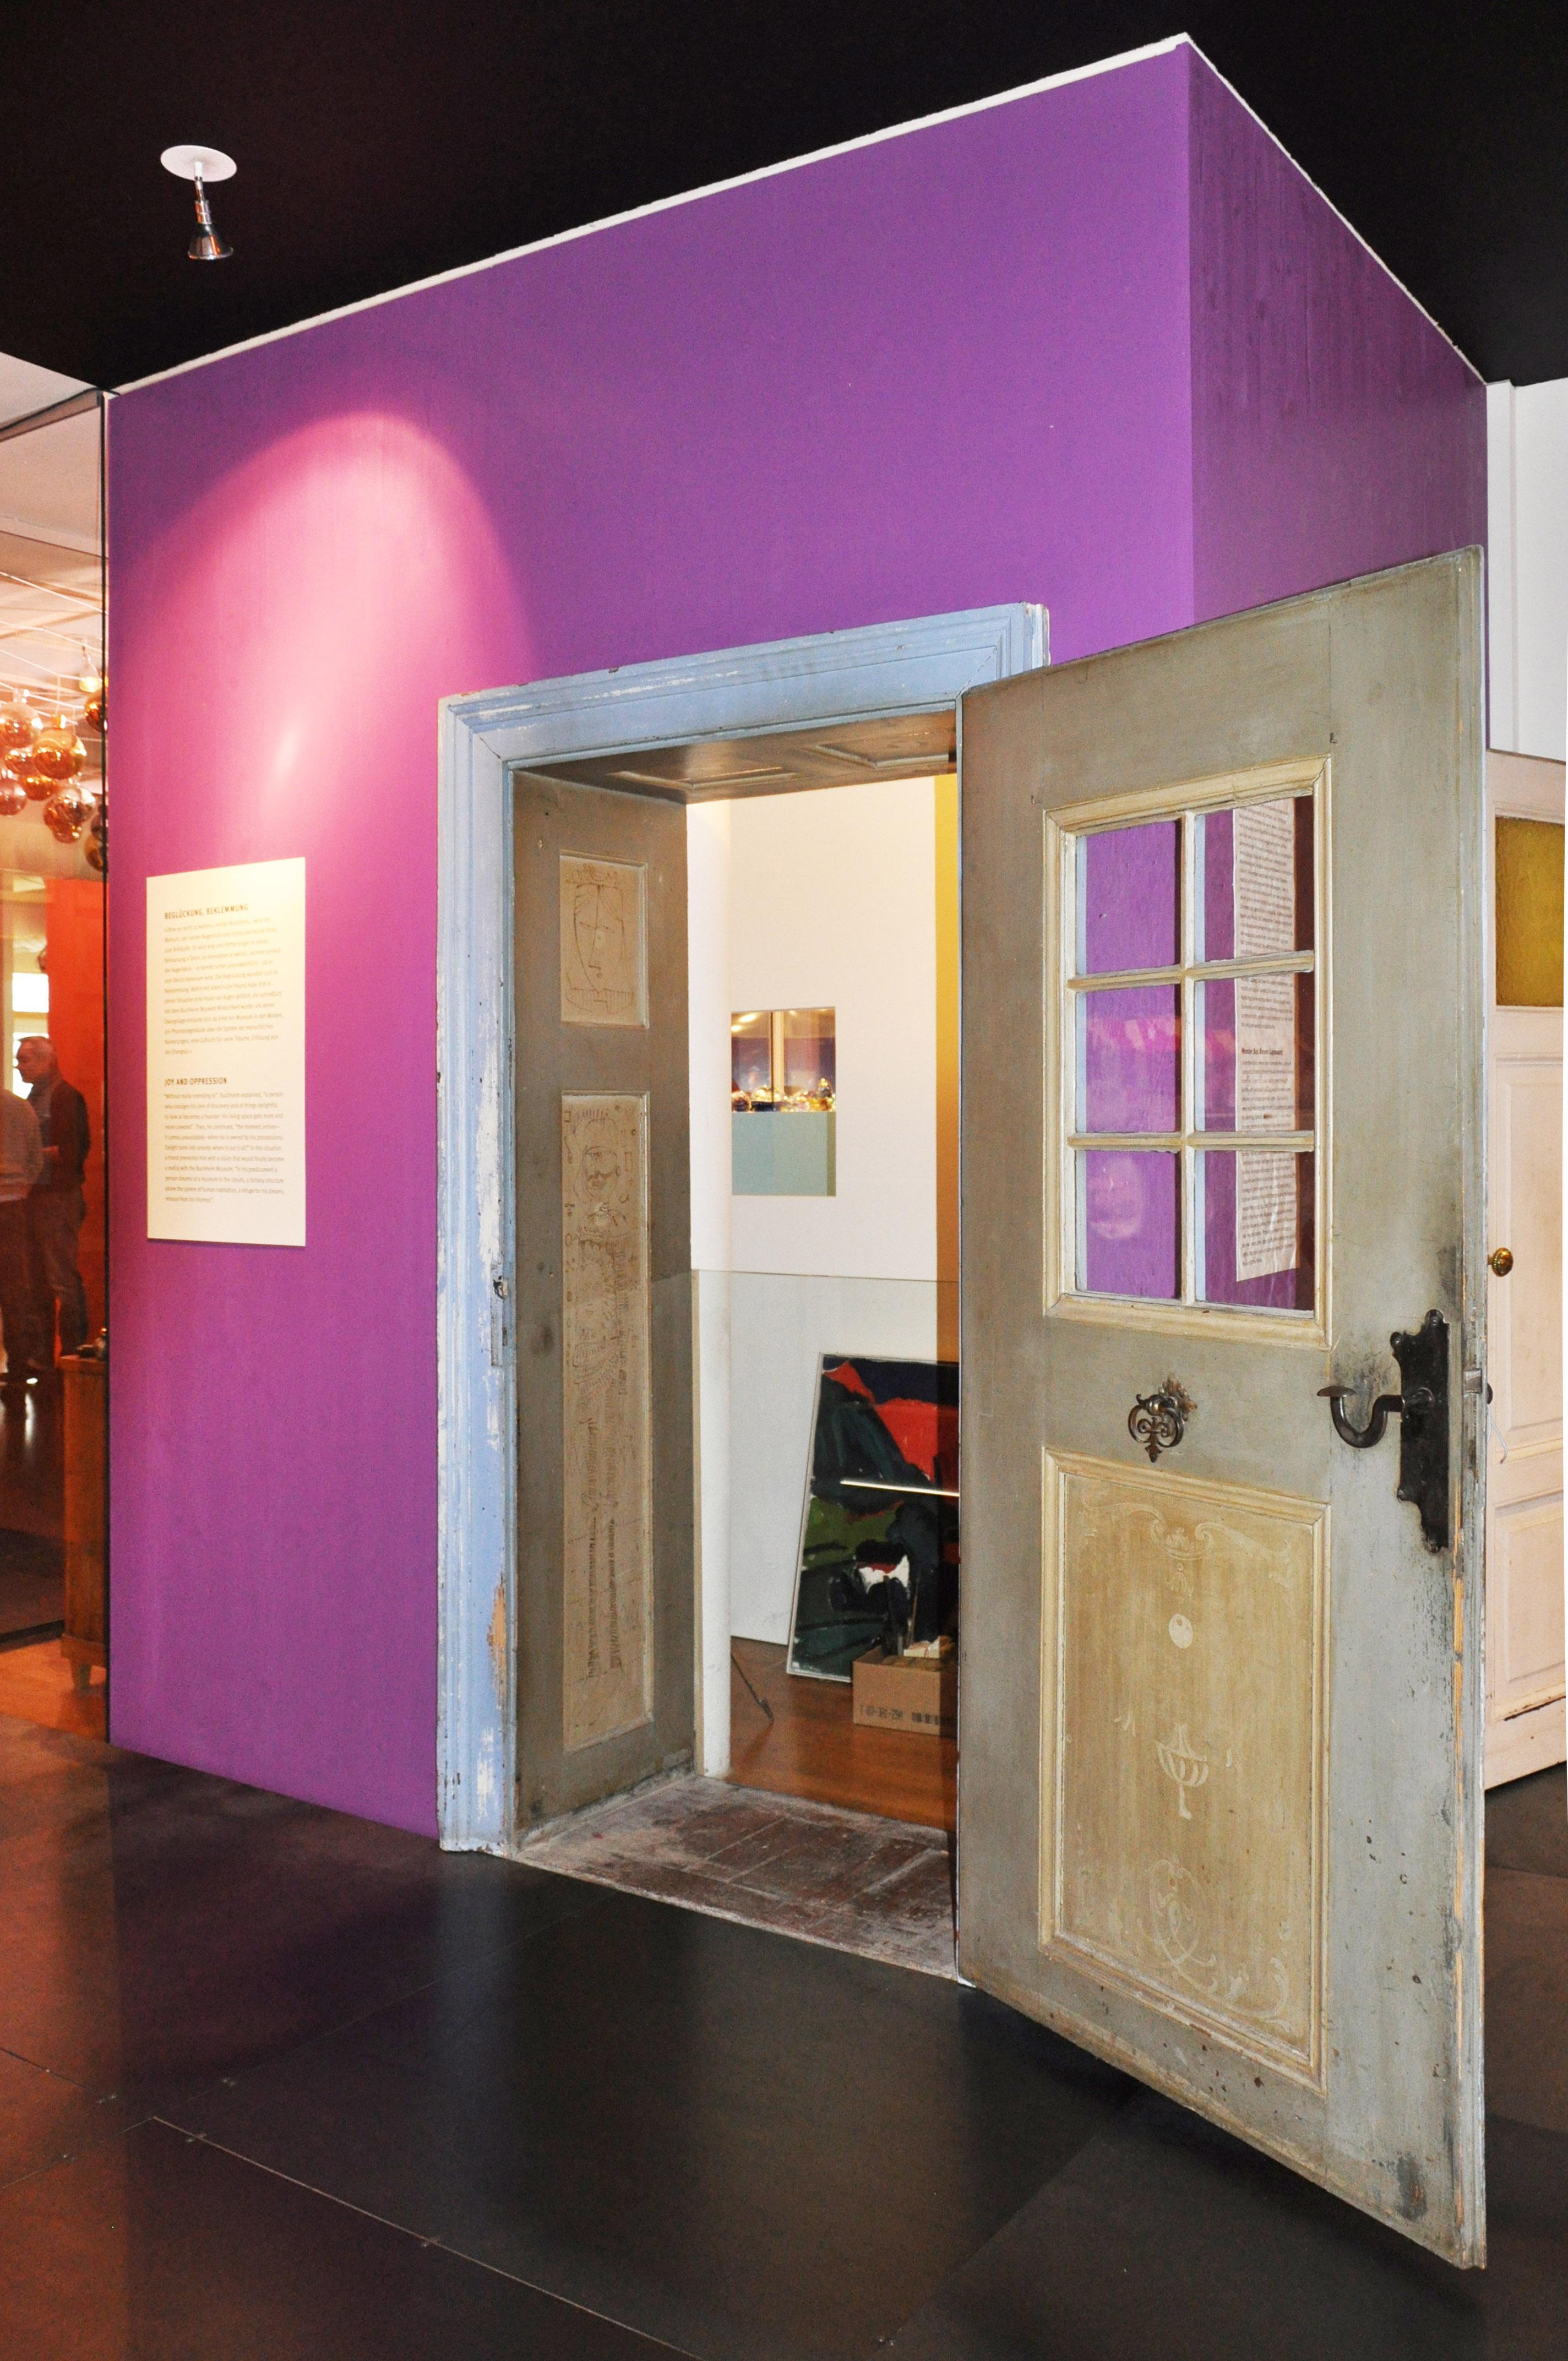 Buchheim_Museum_Beglückung_Beklemmung